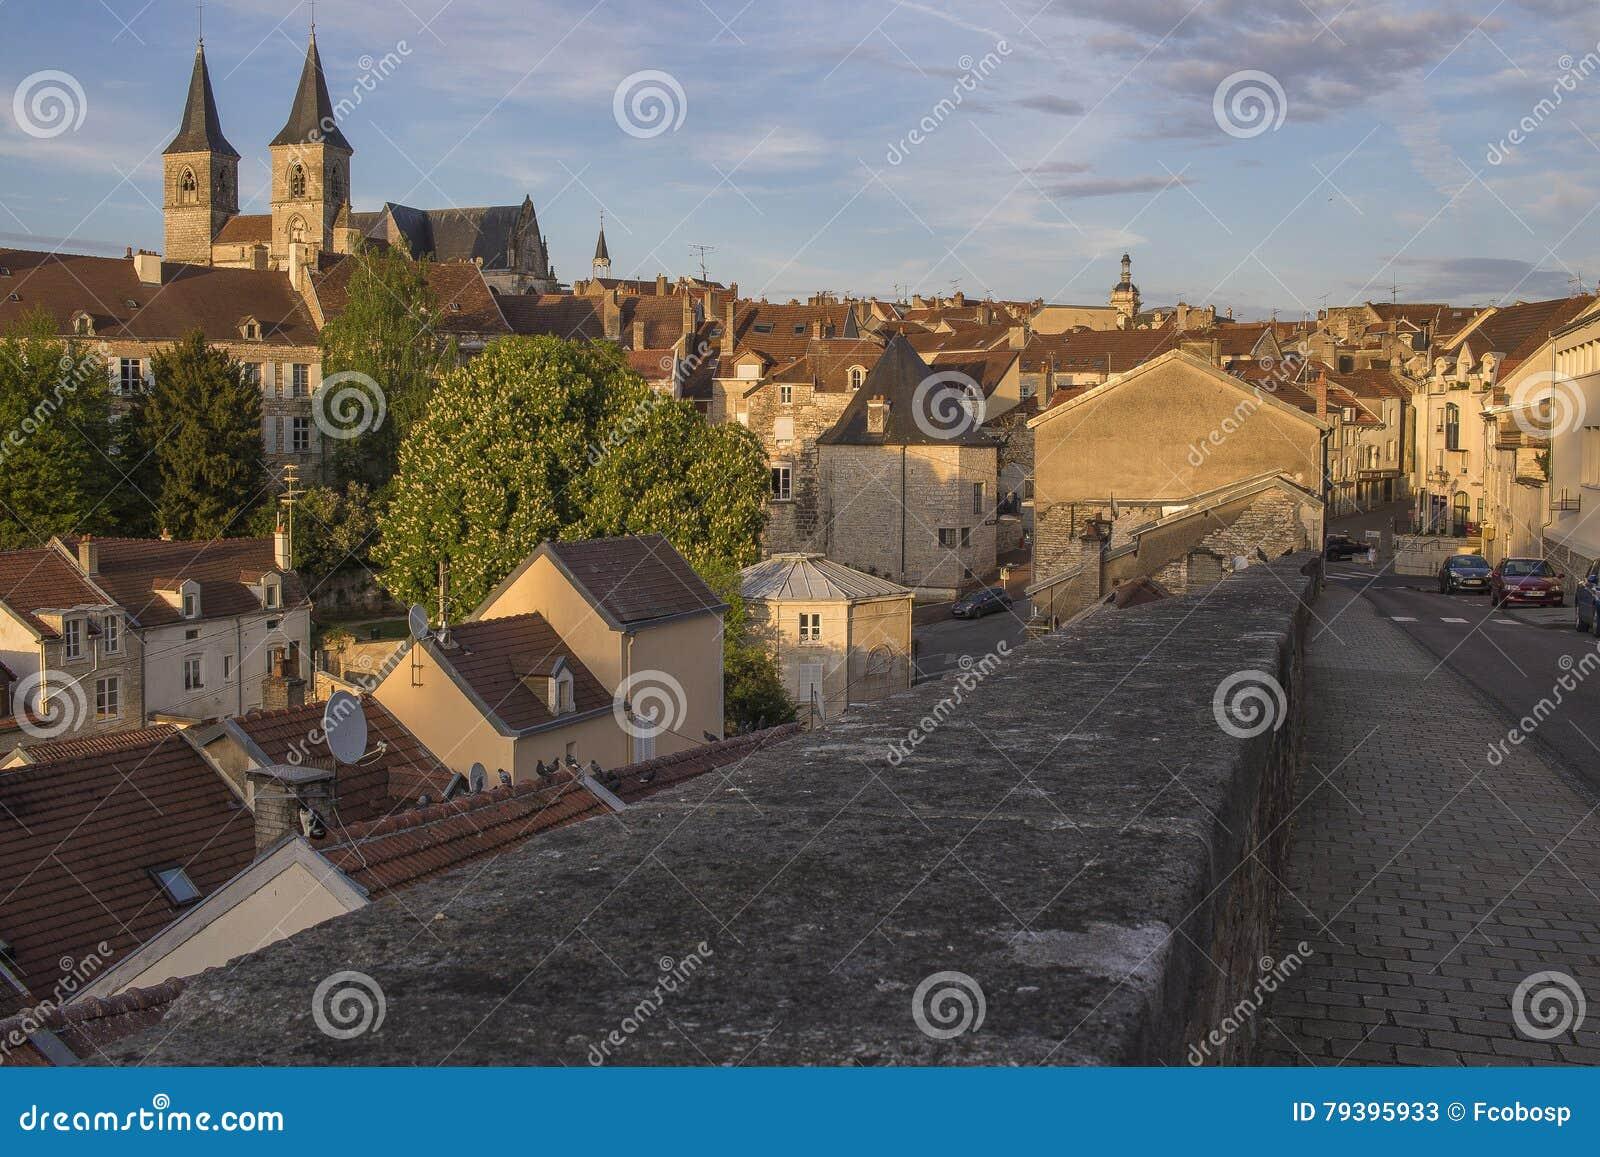 Ville de Chaumont, France